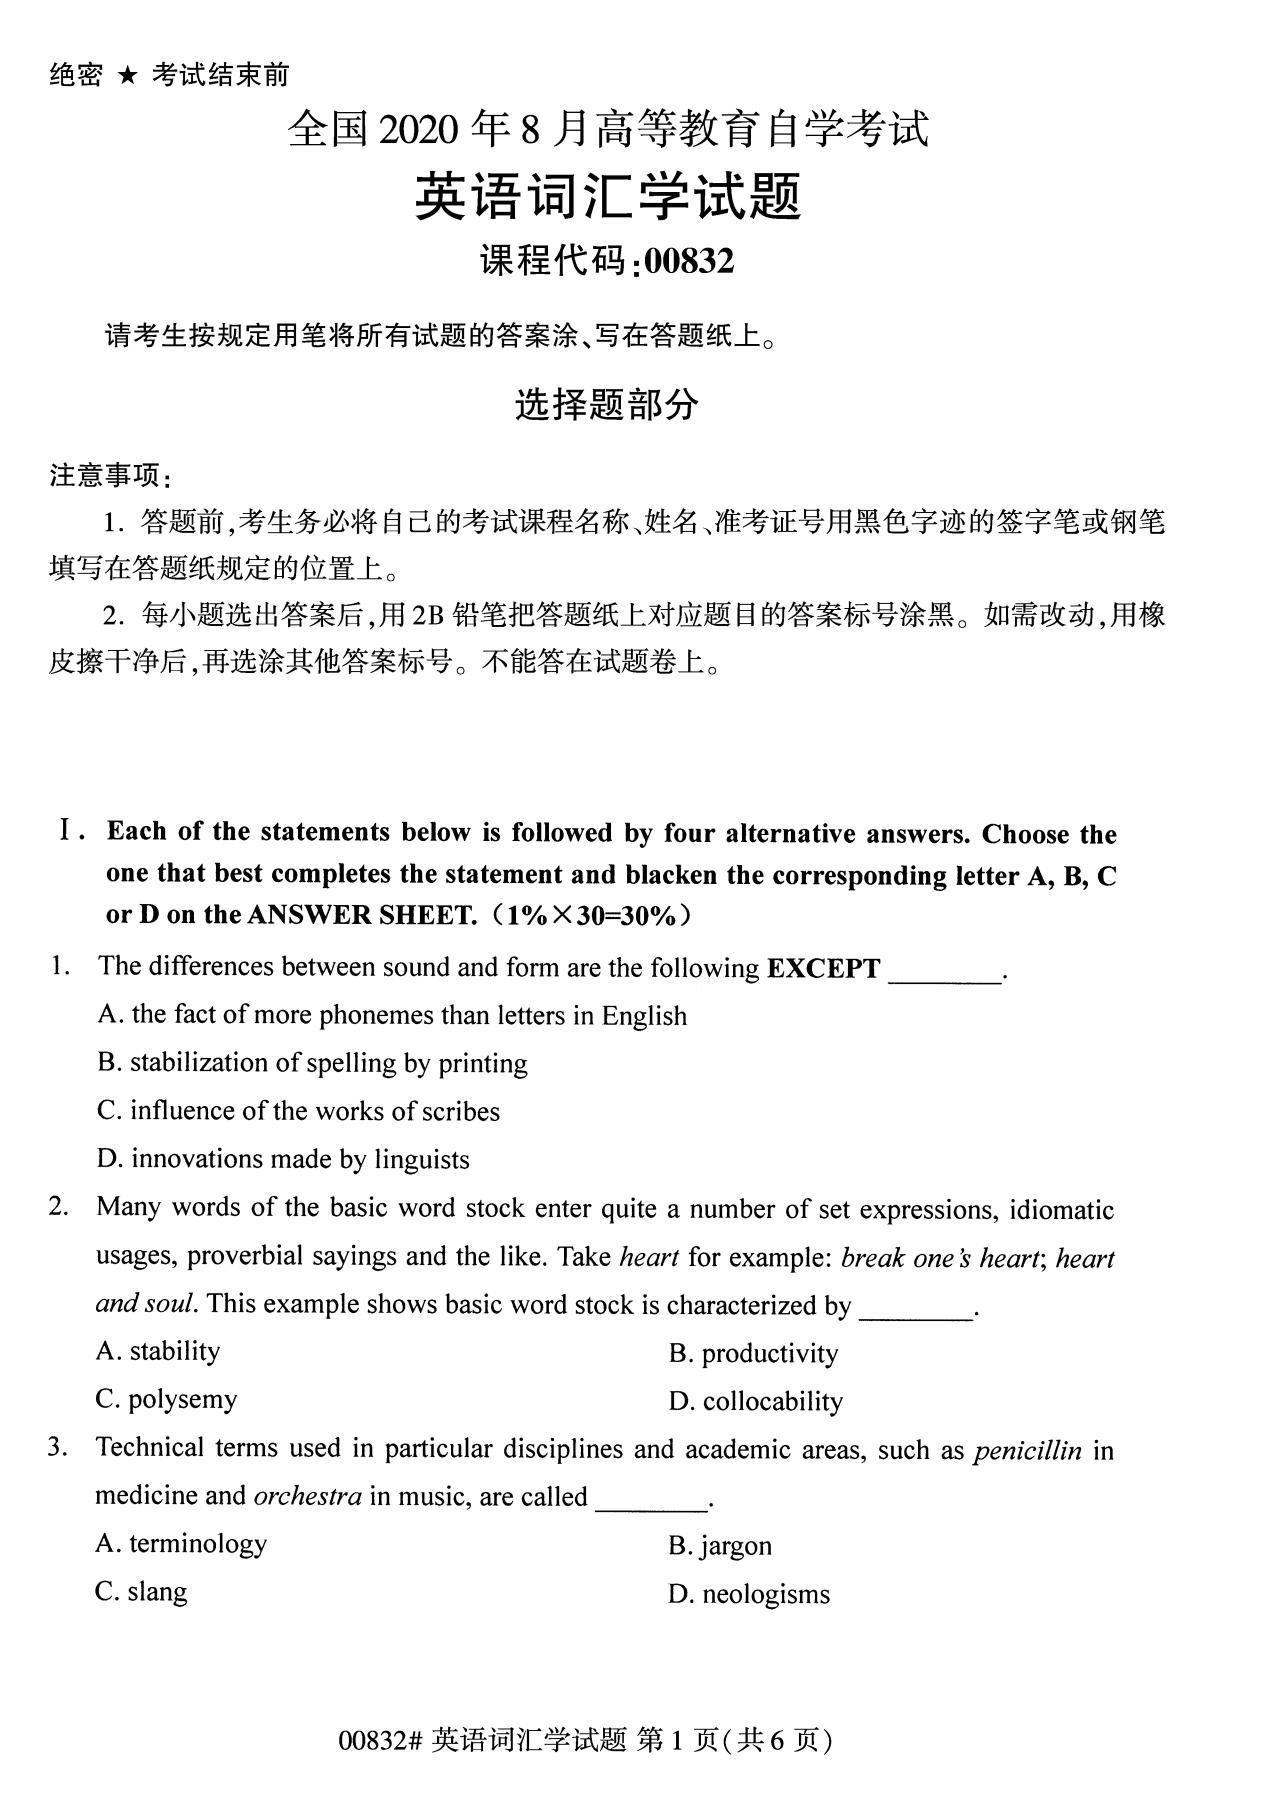 浙江自考本科备考:2020年8月自考00832英语词汇学试题1